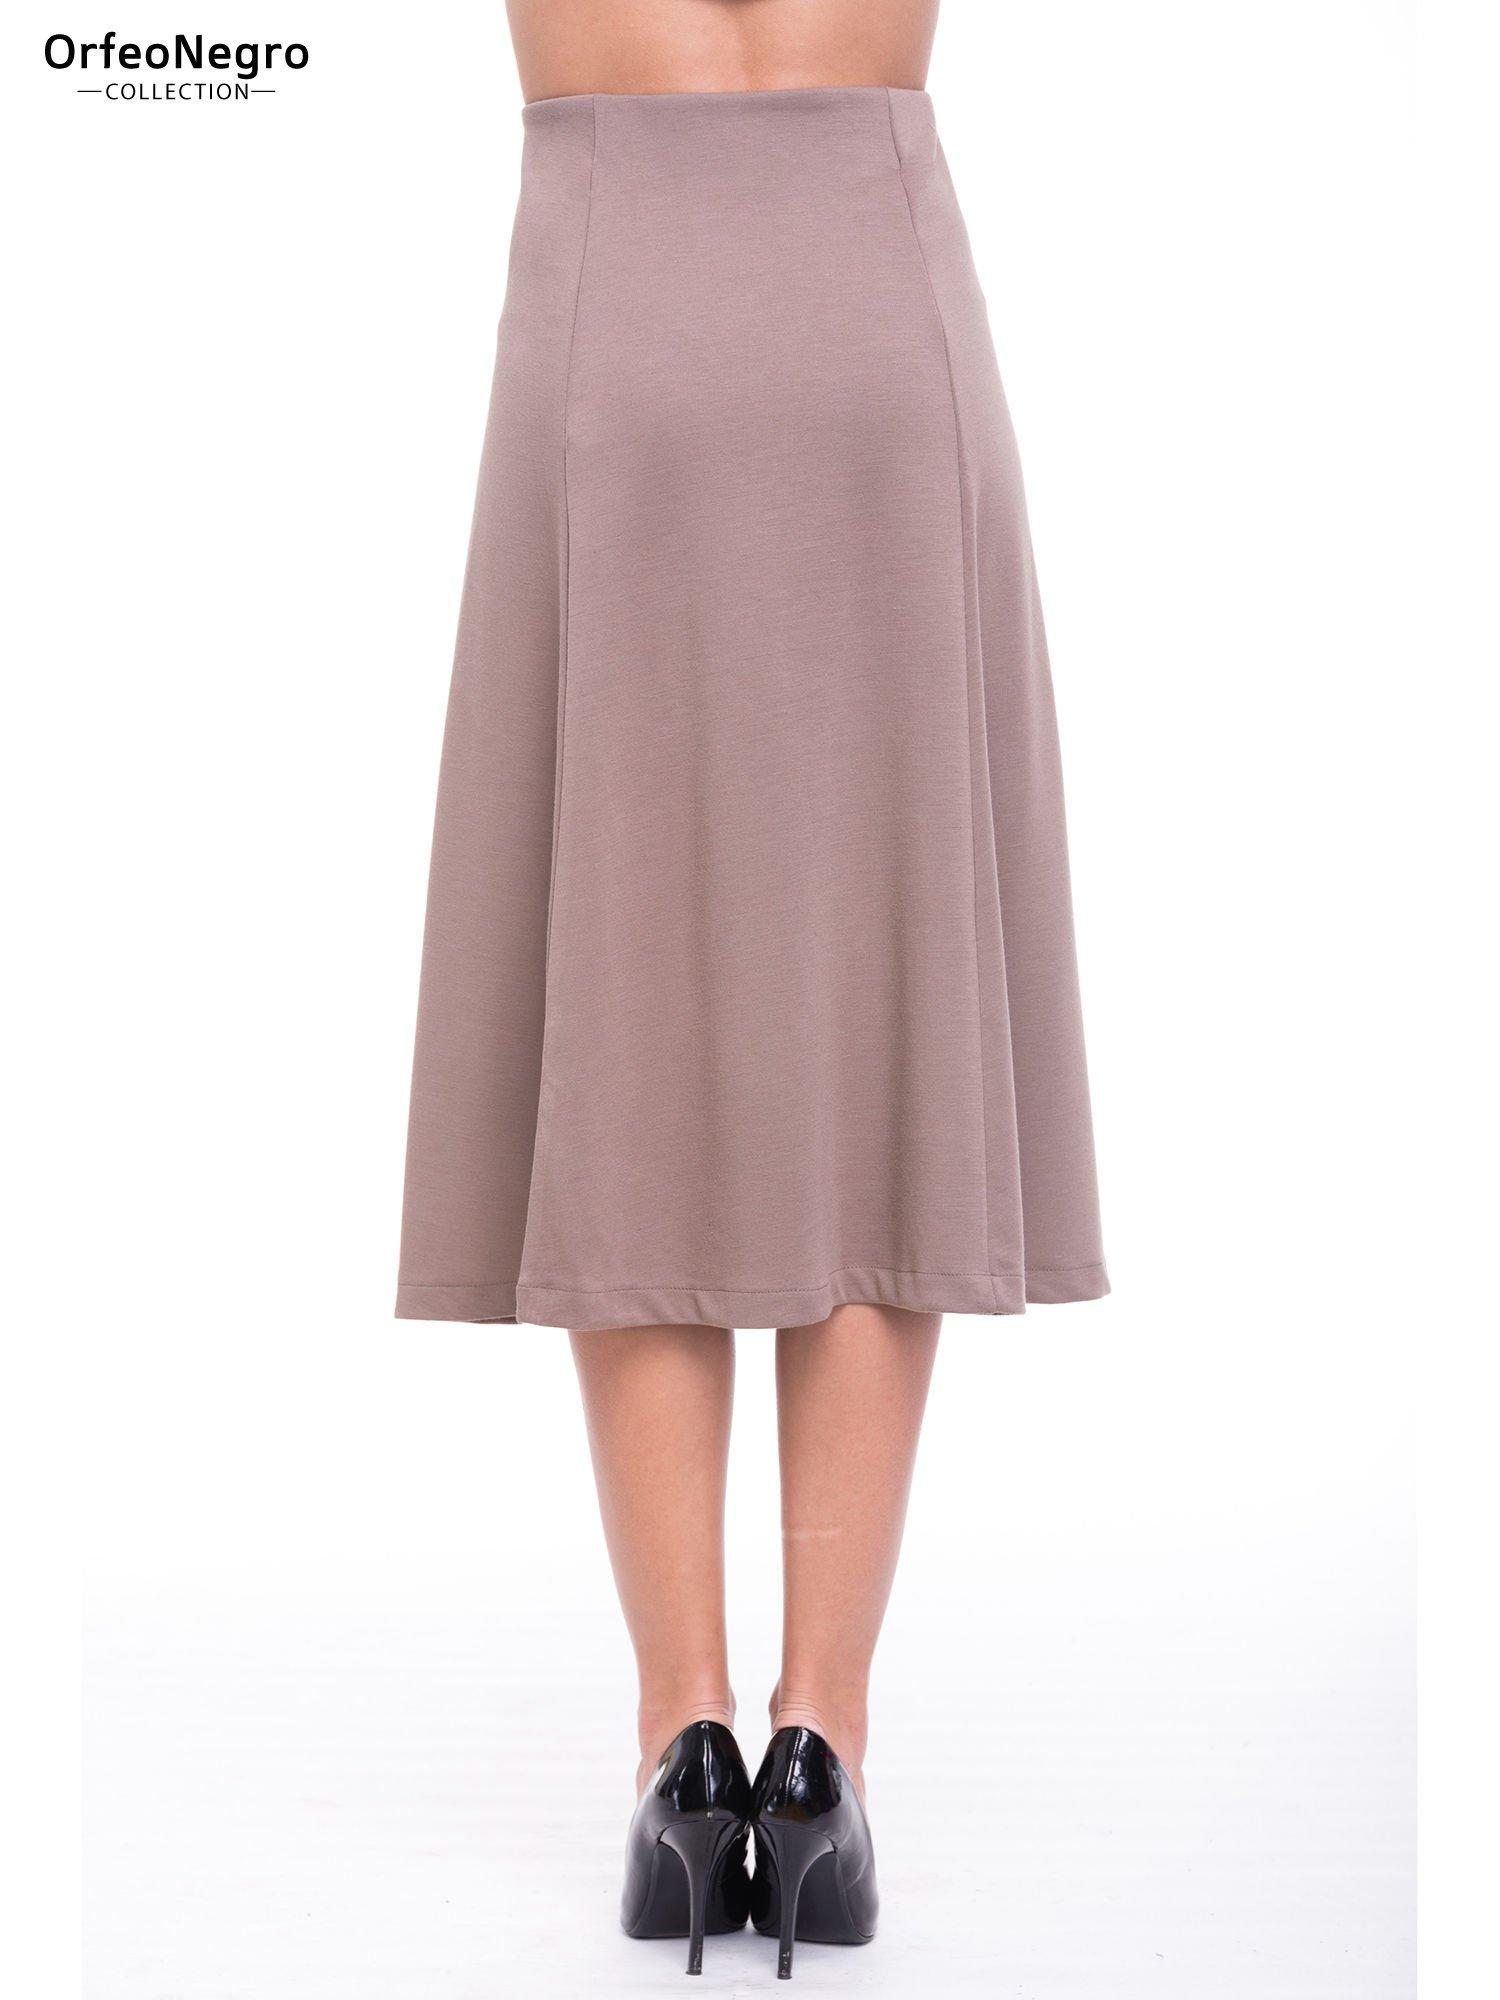 Beżowa elegancka spódnica midi o rozkloszowanym kroju                                  zdj.                                  4